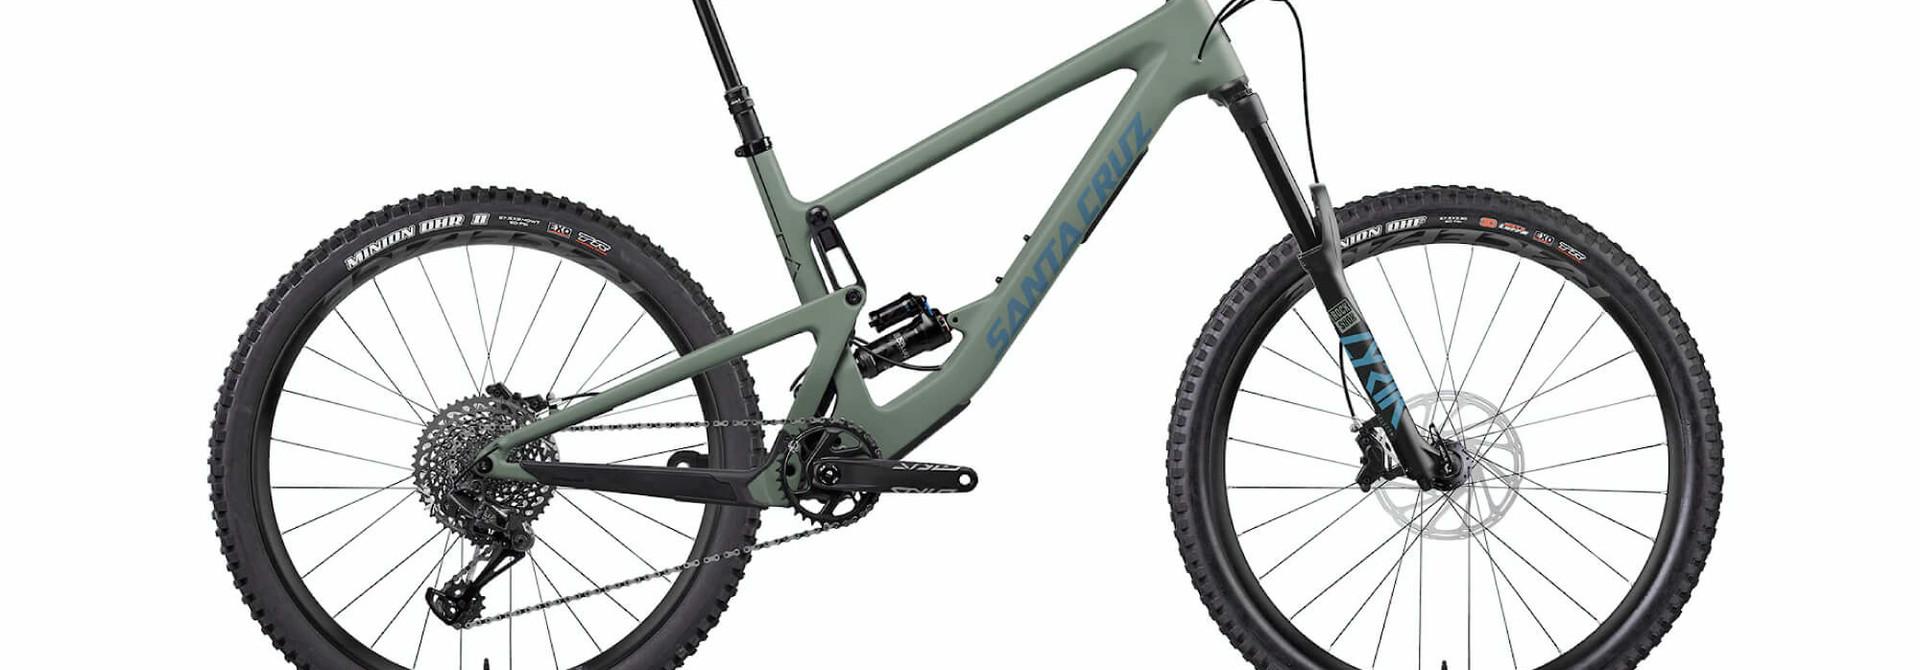 Bronson 3.0 C 27.5 S GX RS Lyrik Select + 160  2020